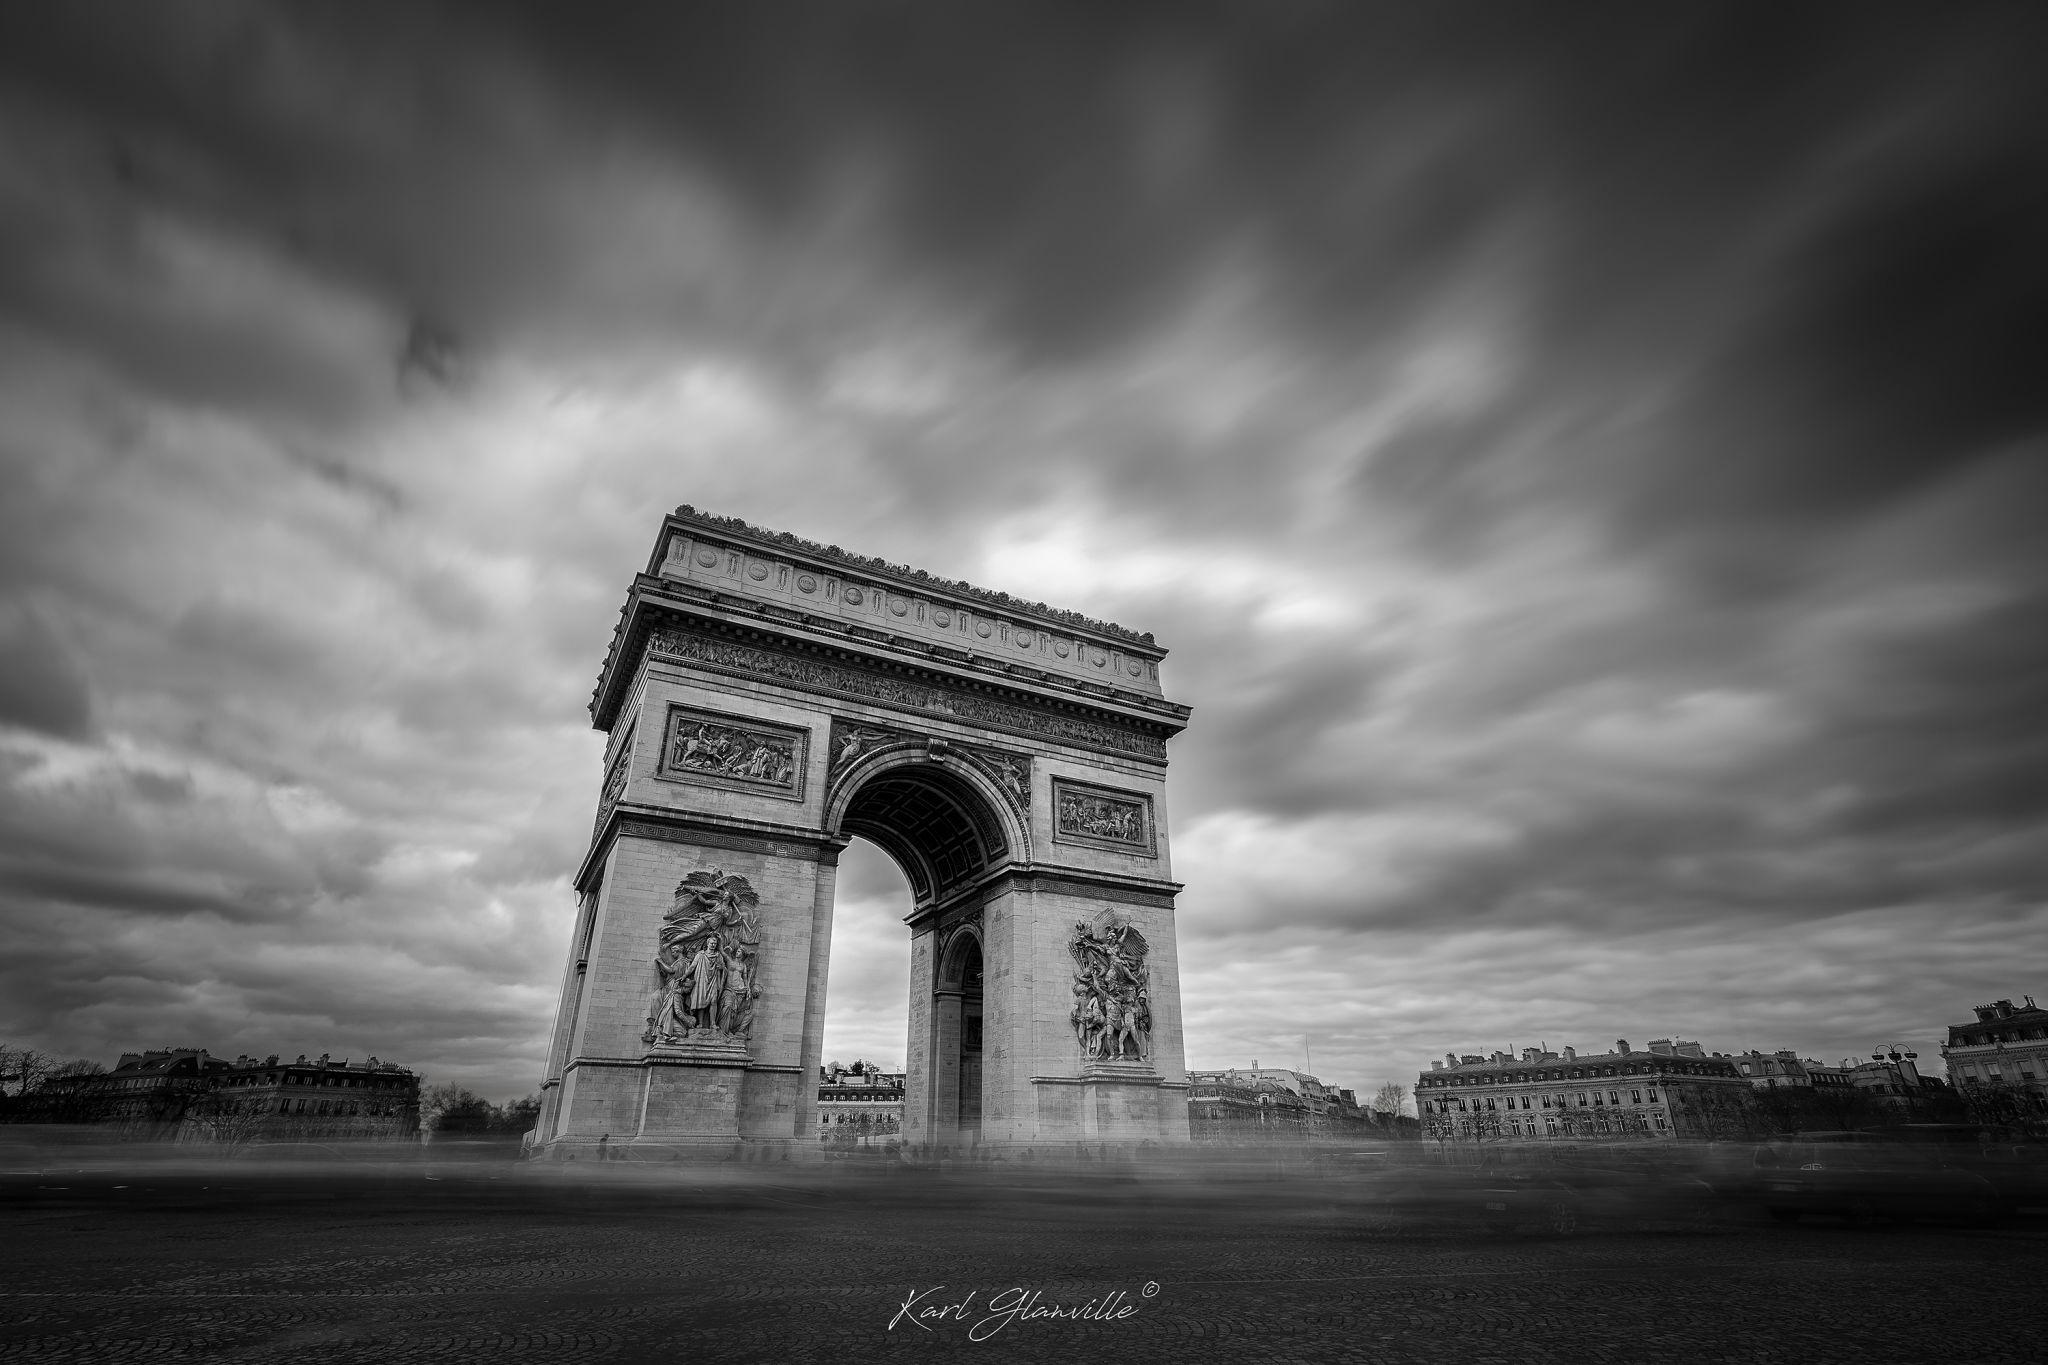 Arc De Triumphe, France